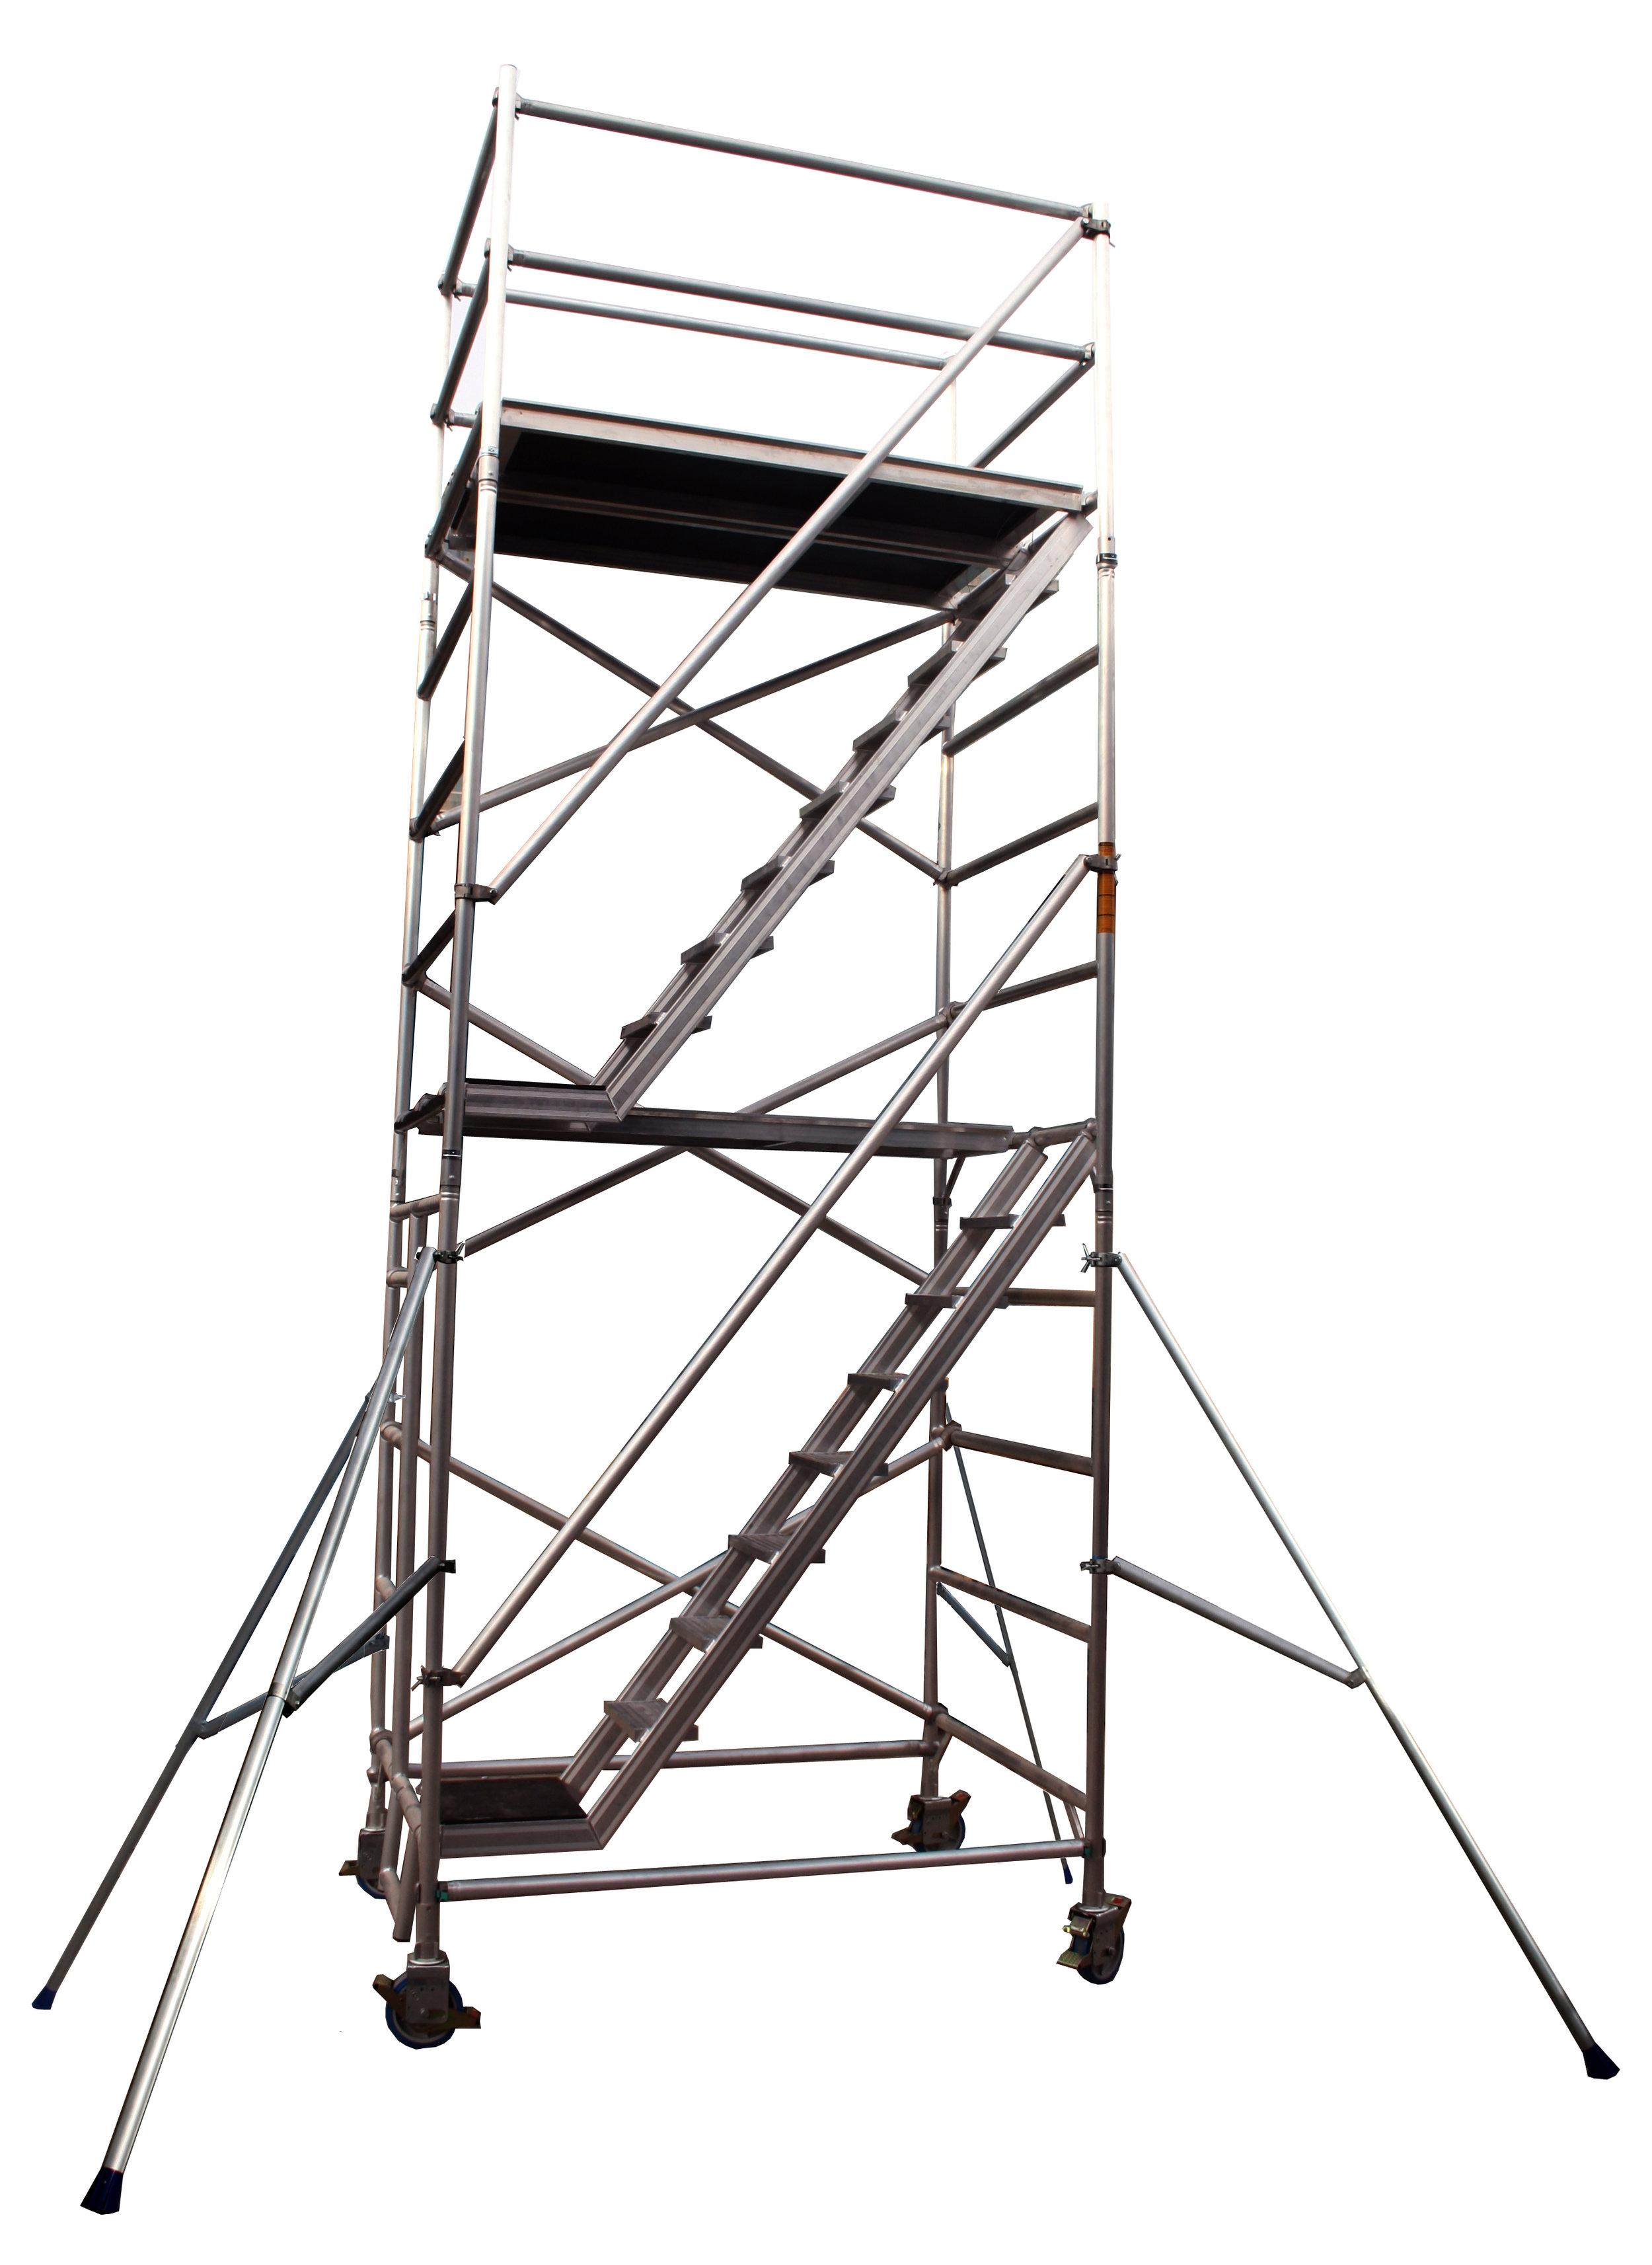 stairway scaffolding-edited.jpg